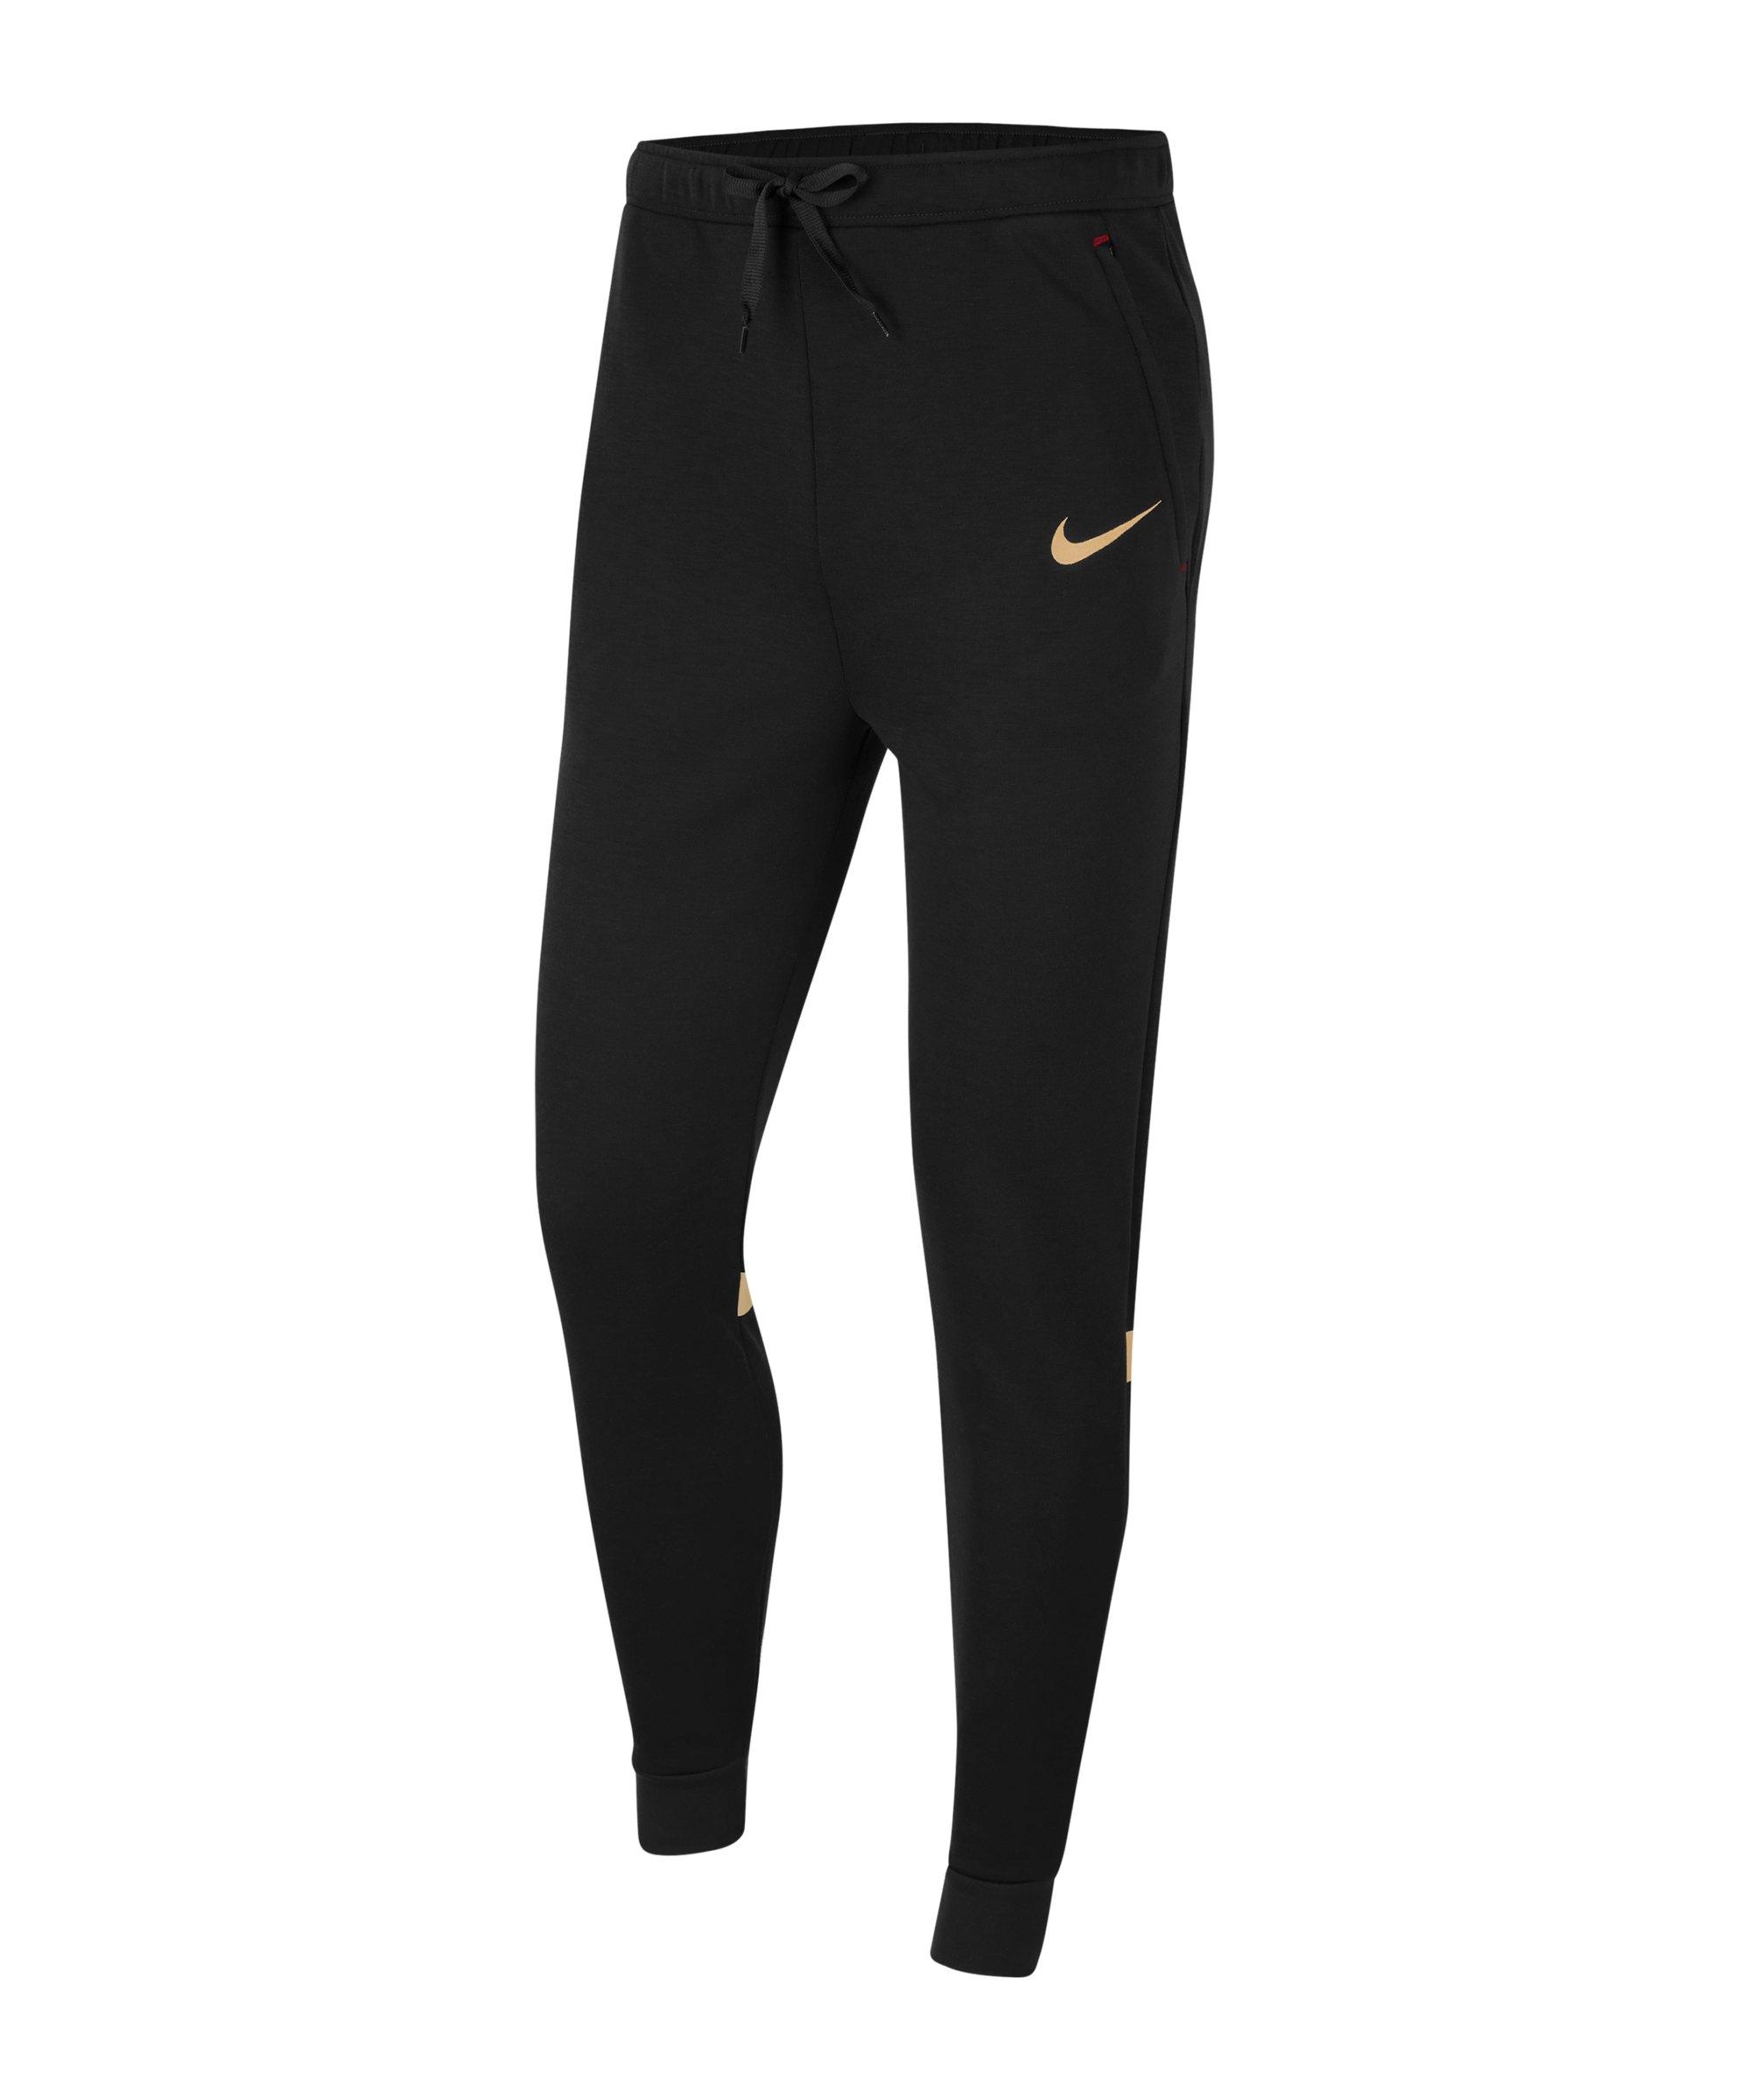 Nike Strike 21 Fleece Trainingshose Schwarz F013 - schwarz